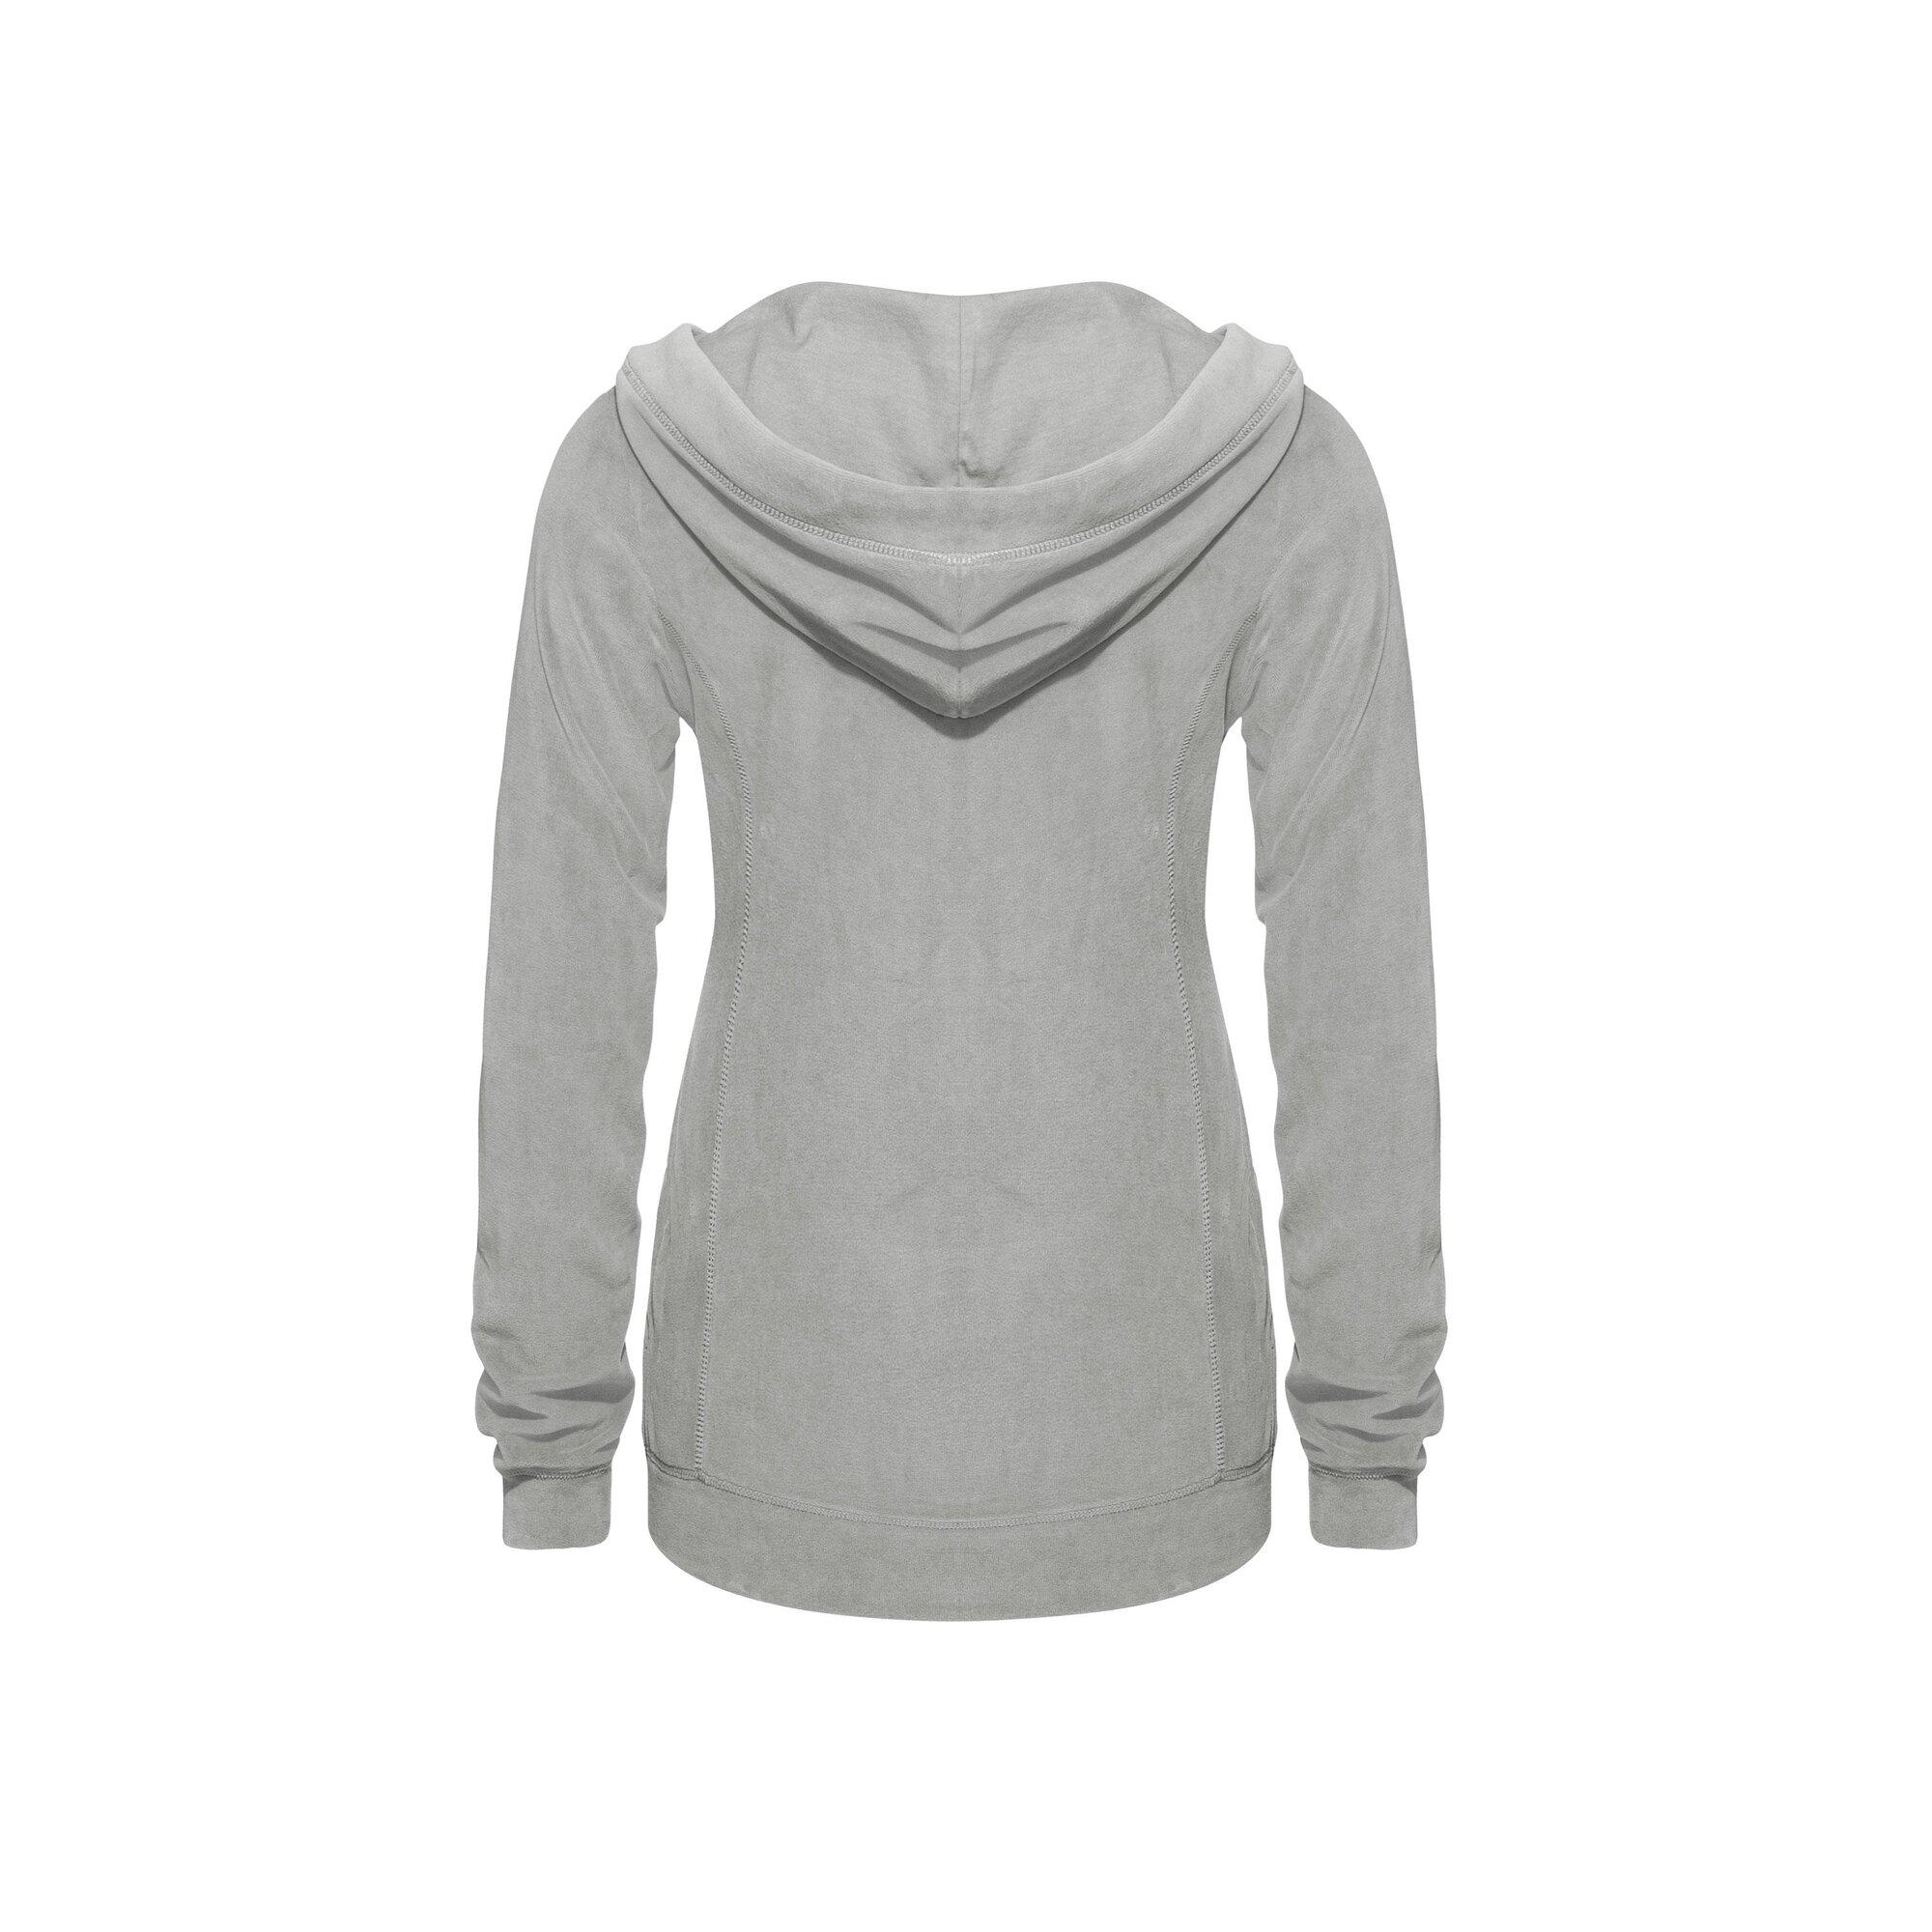 bellybutton-umstandsjacke-loungewear-jacke-mama, 59.90 EUR @ babywalz-de